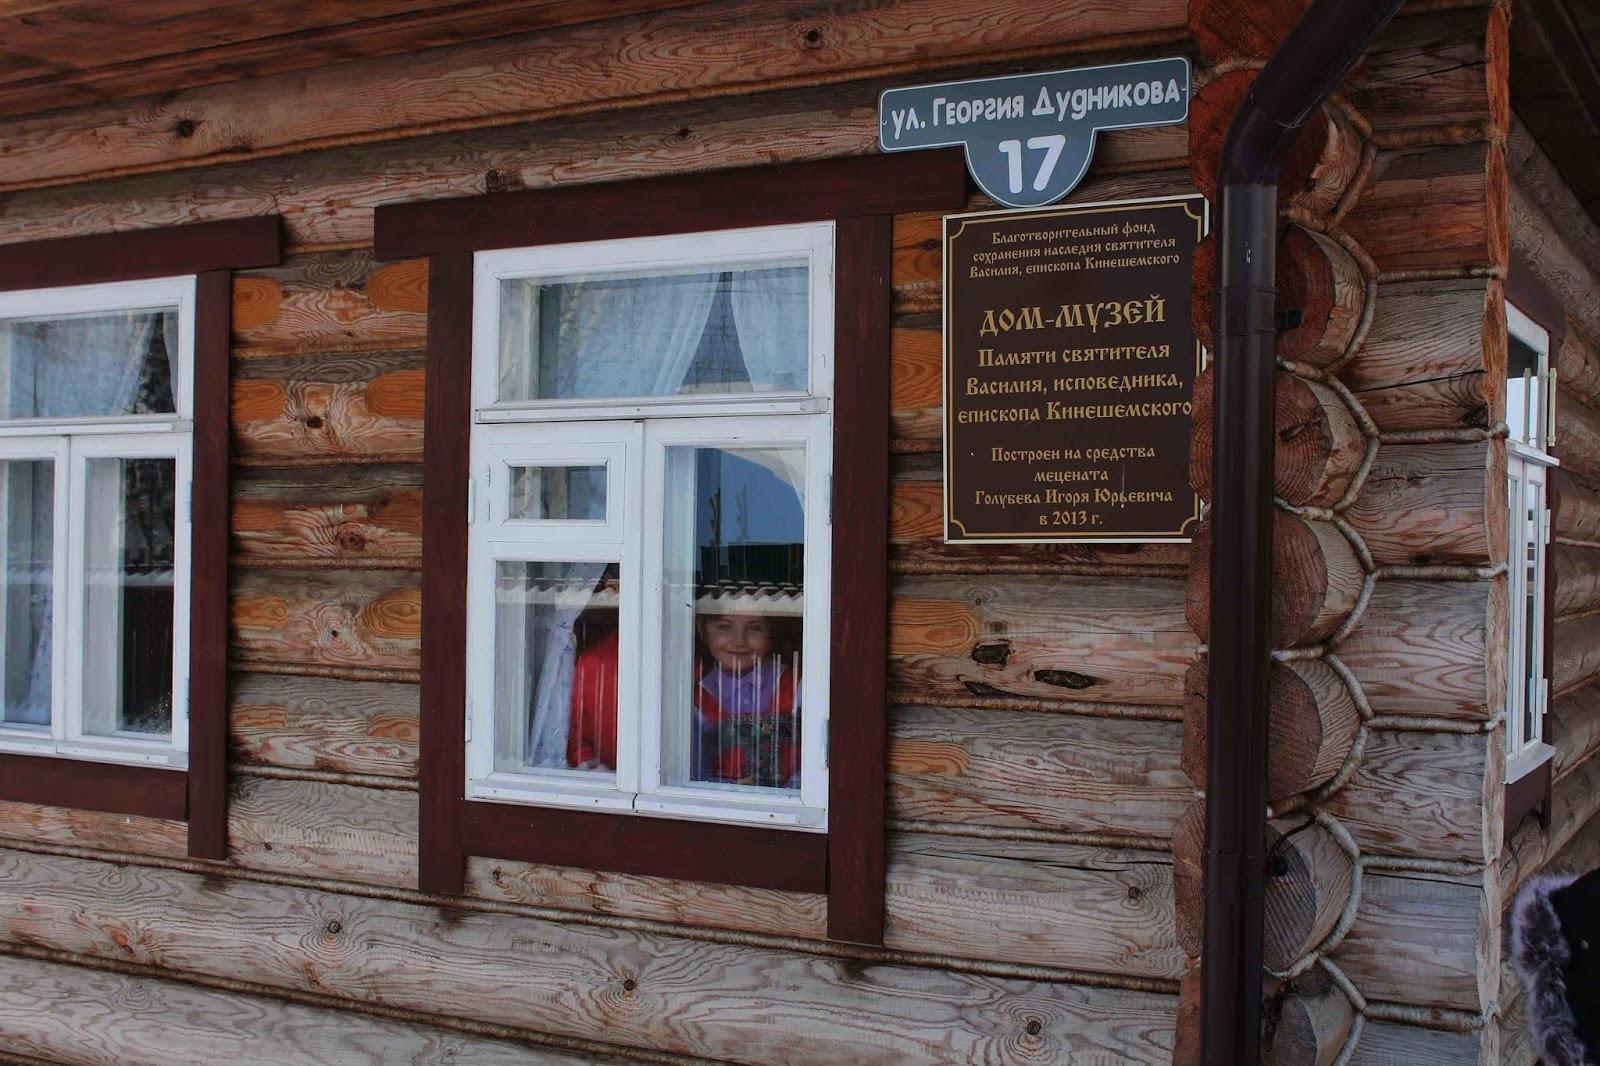 Дом-музей памяти епископа Кинешемского. 409518.jpeg